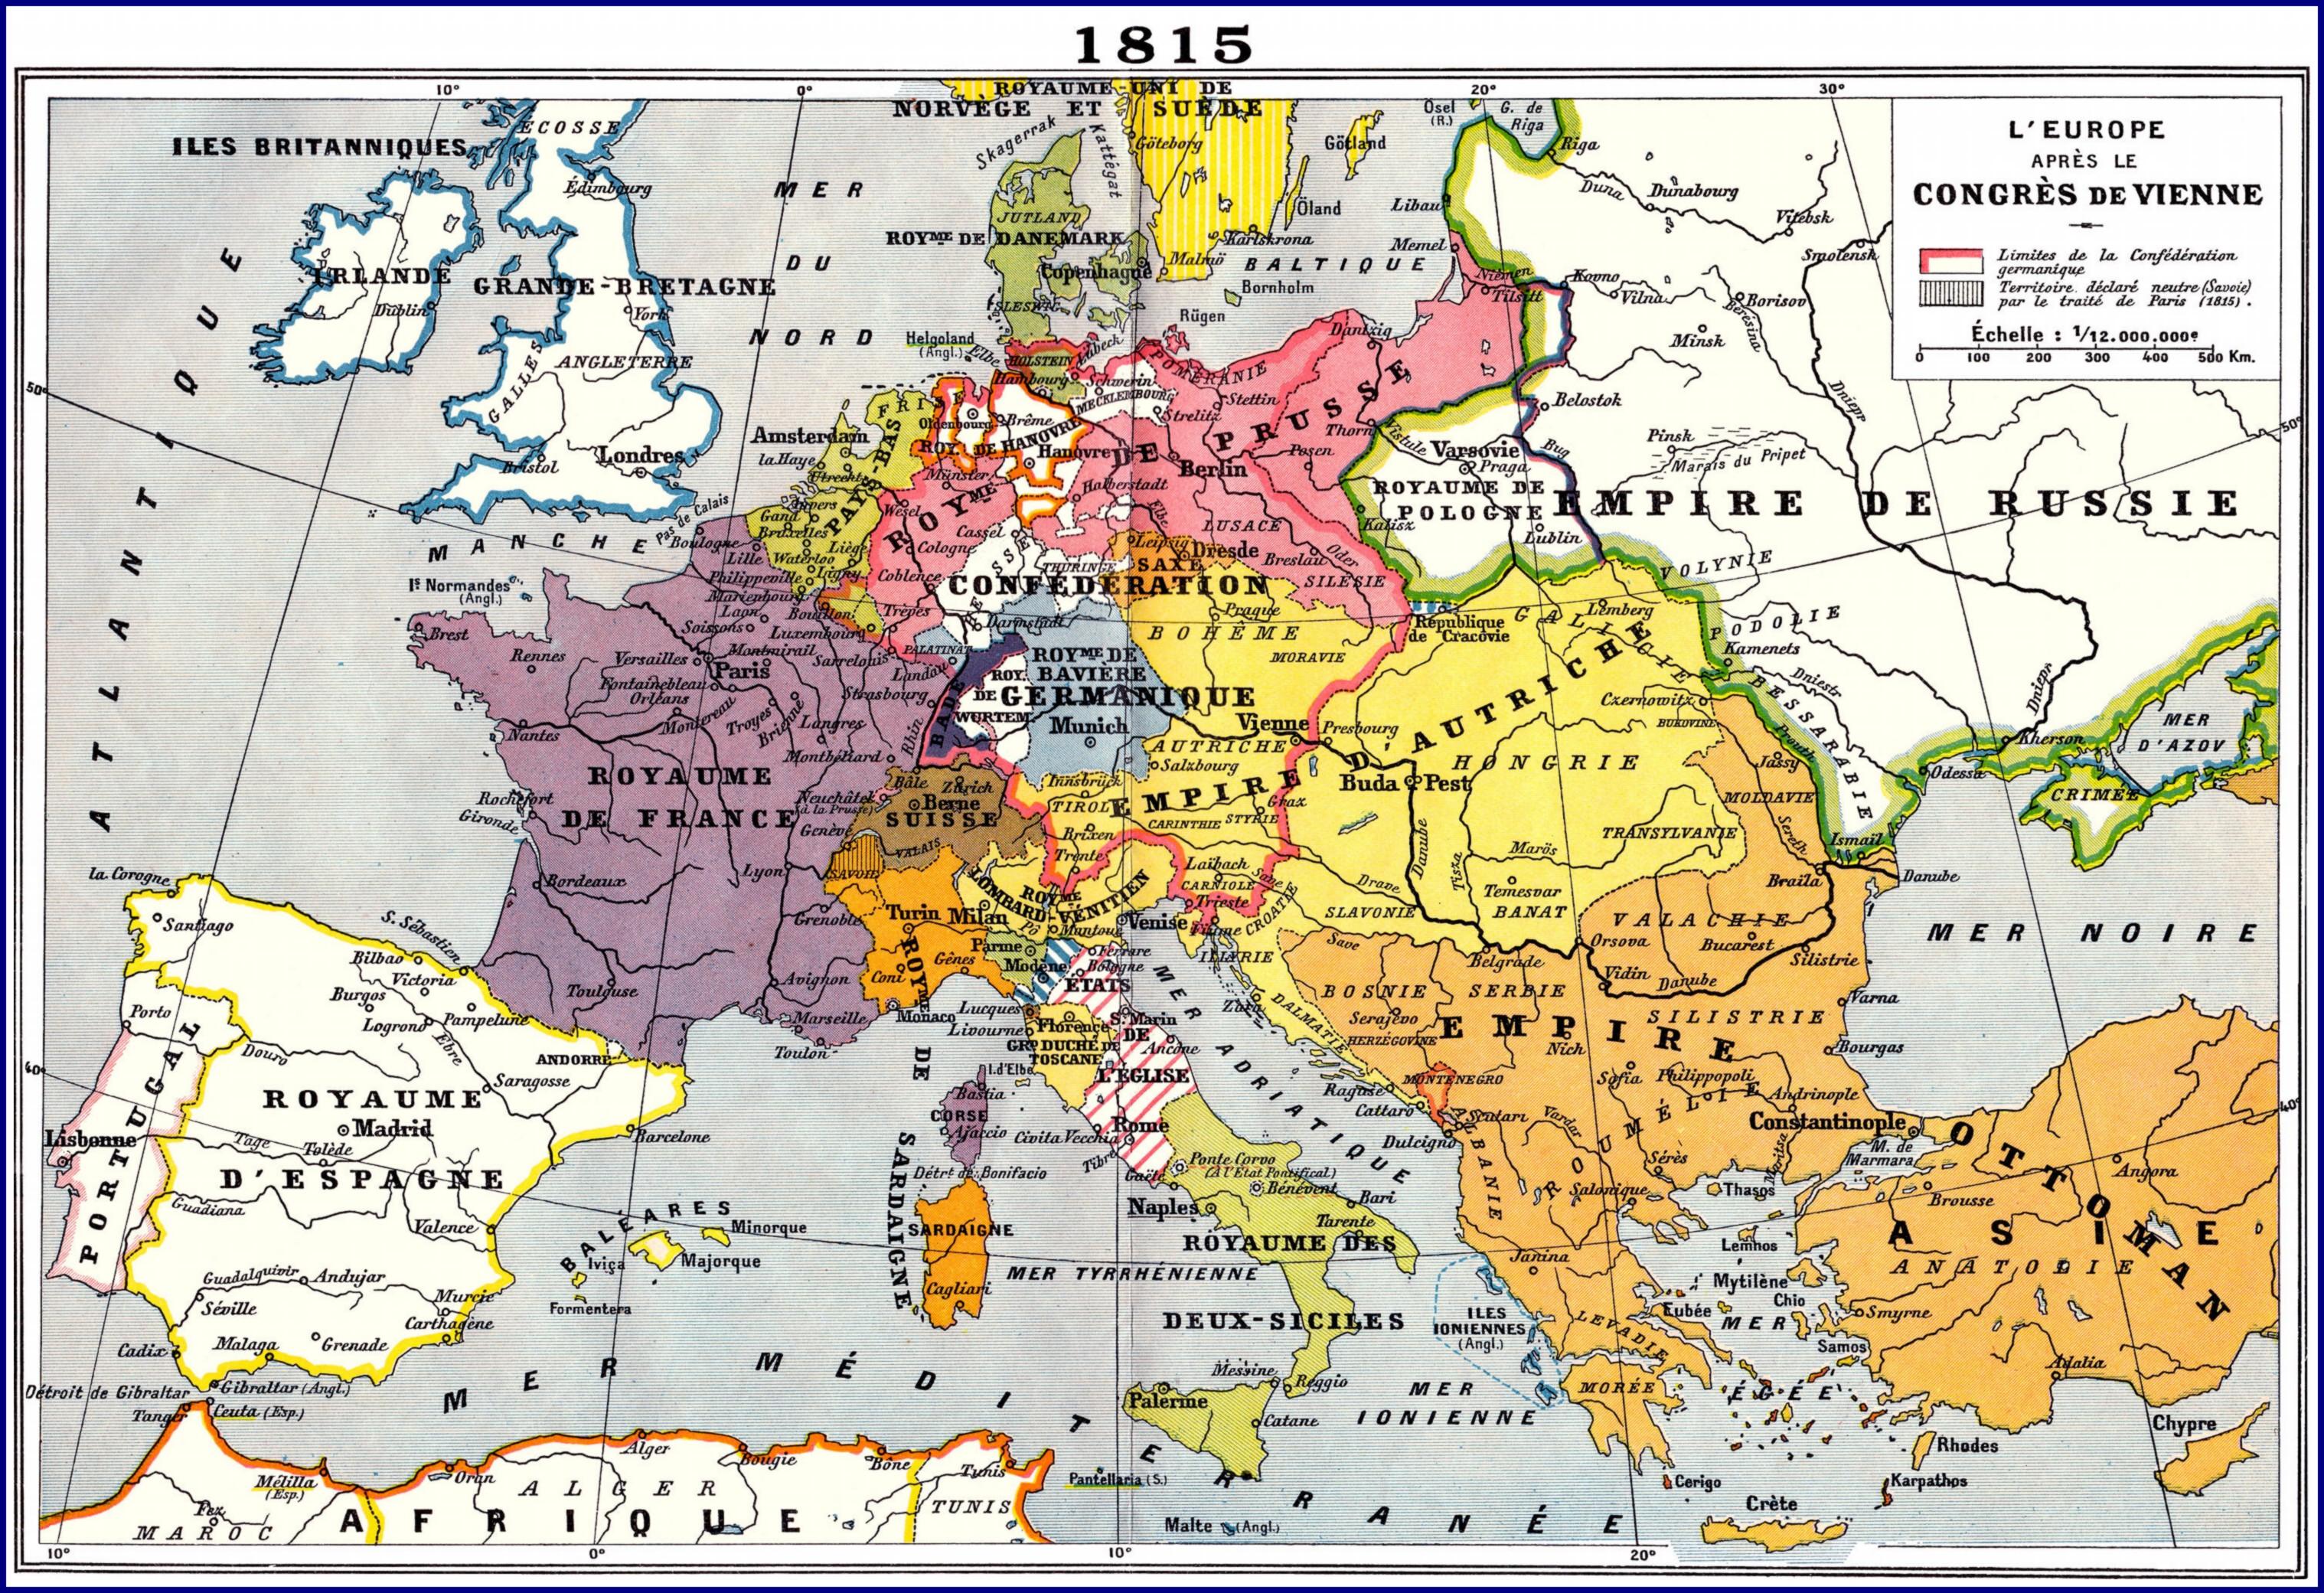 Le CONGRES de VIENNE et la NOUVELLE du DEBARQUEMENT de NAPOLEON, en 1815… dans TEMOIGNAGES europe-1815-congres-de-vienne